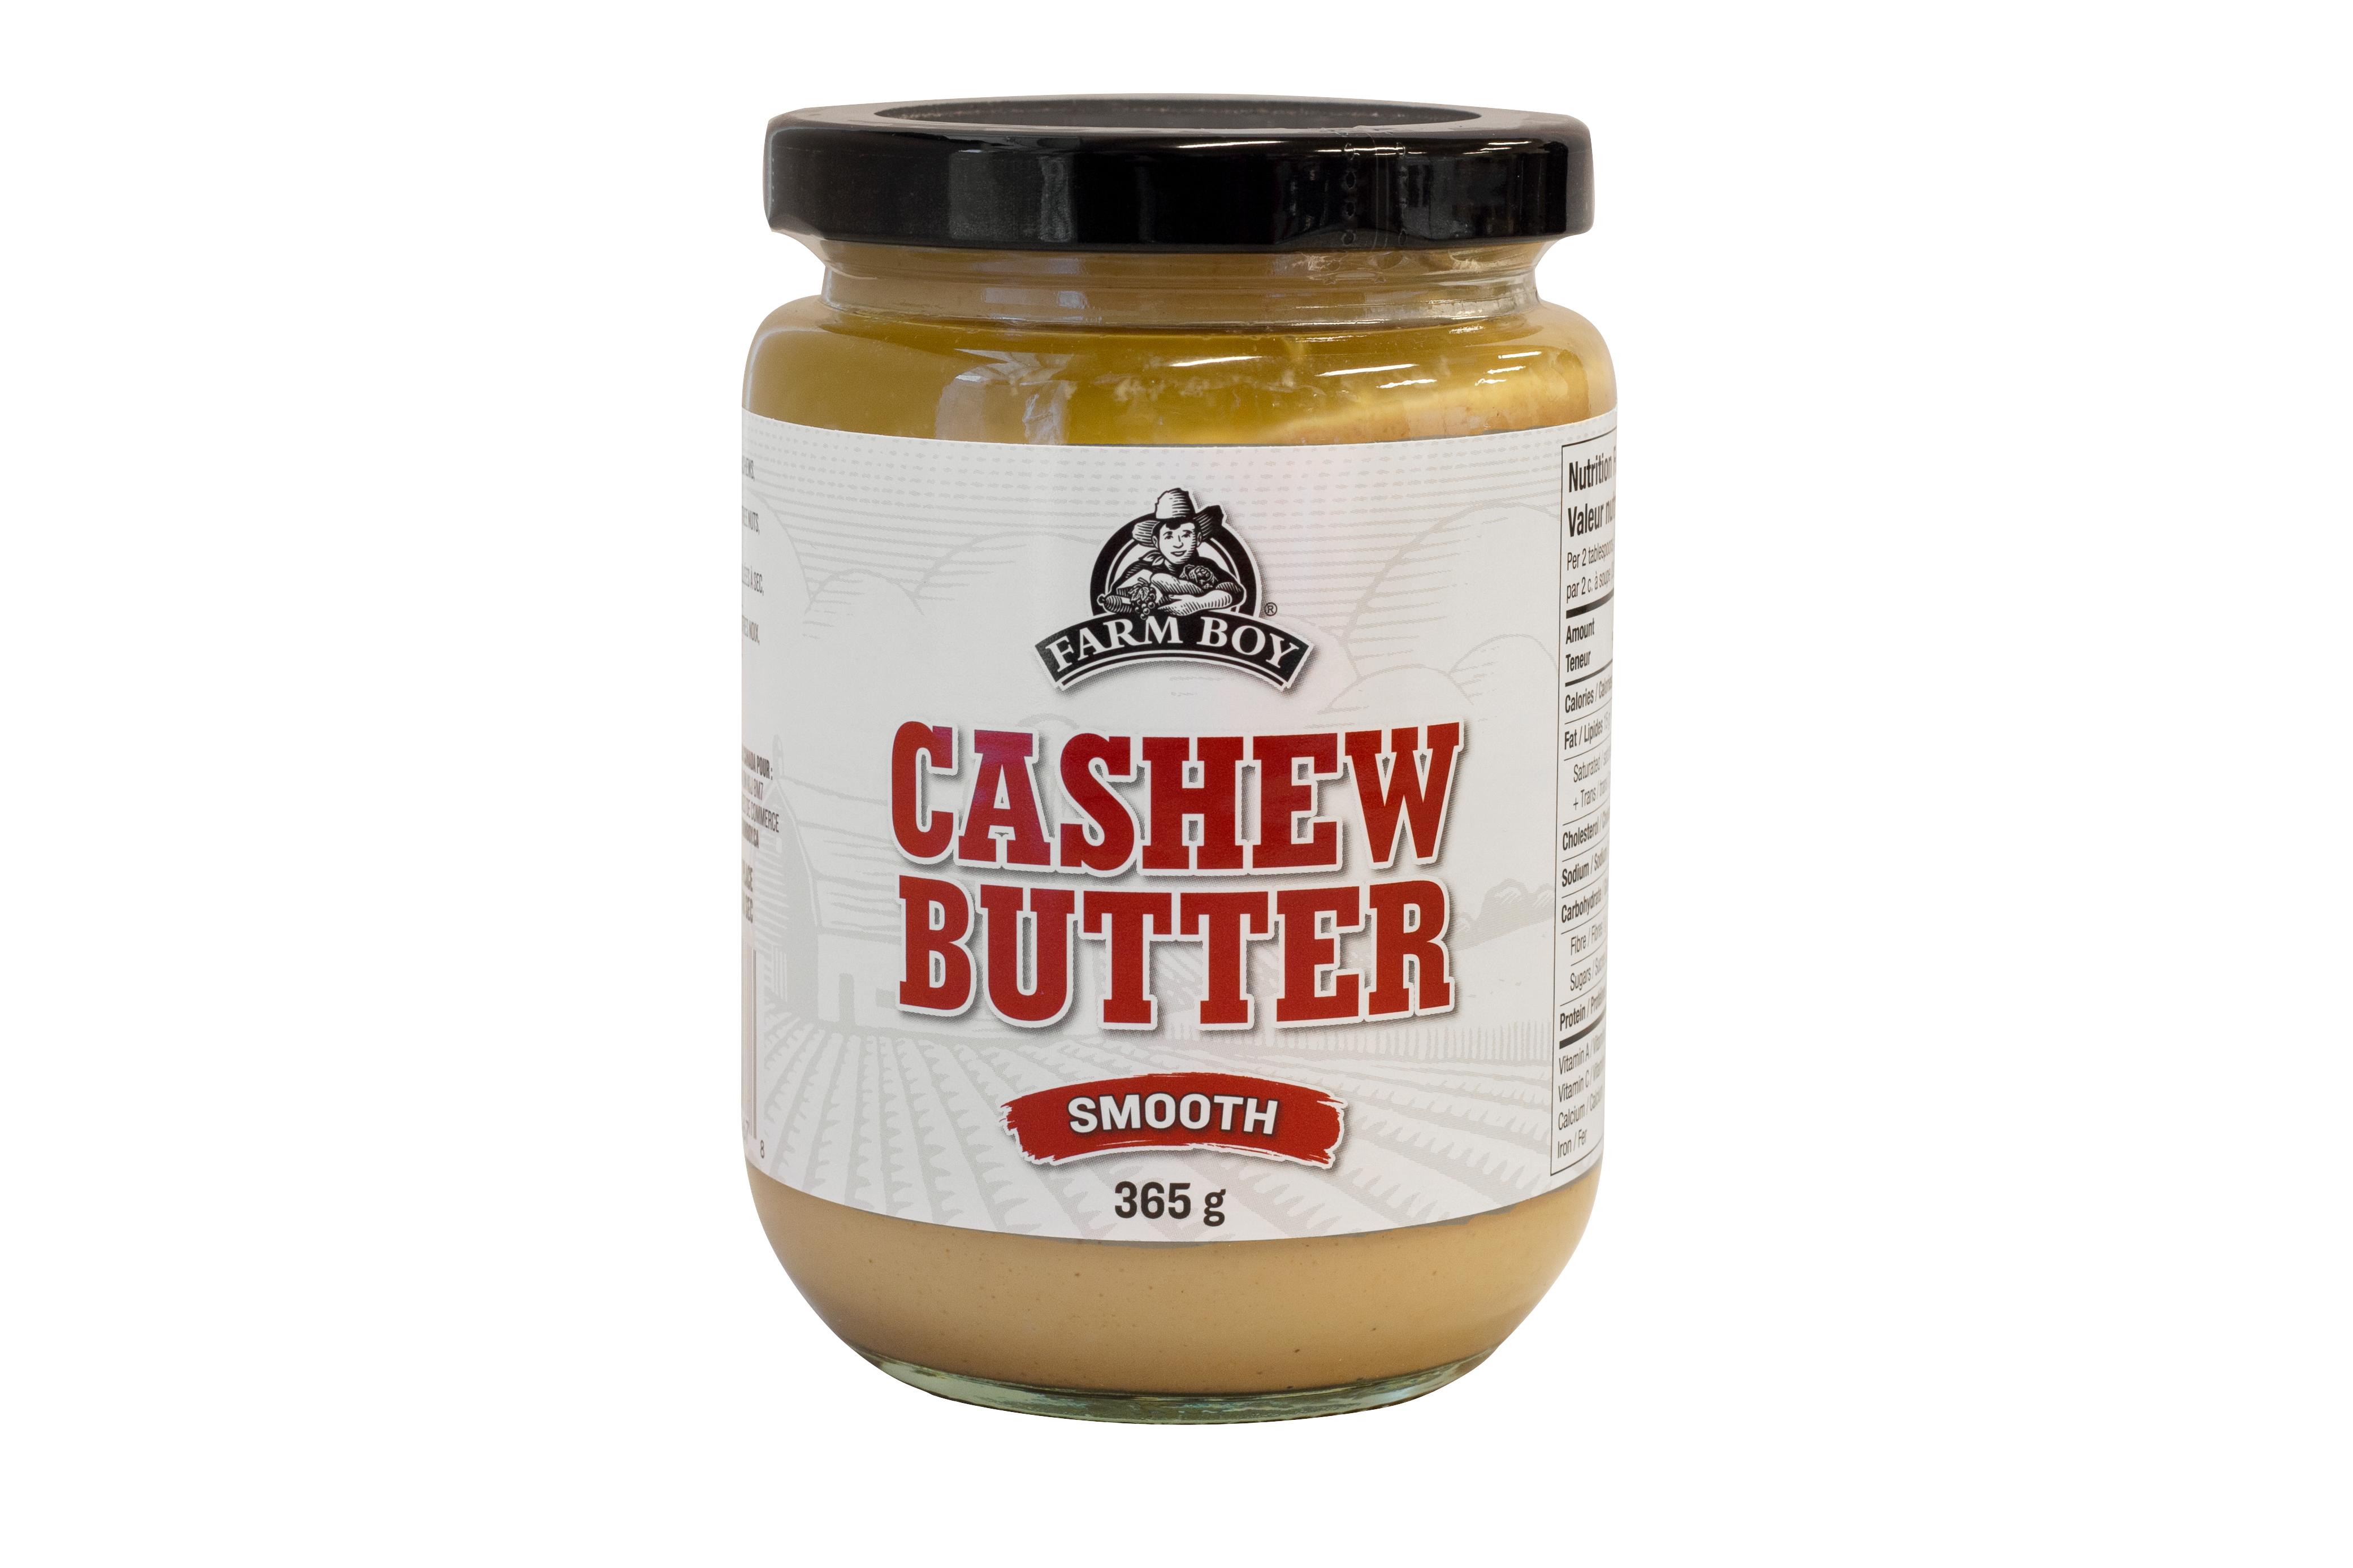 Farm Boy Cashew Butter in its jar.